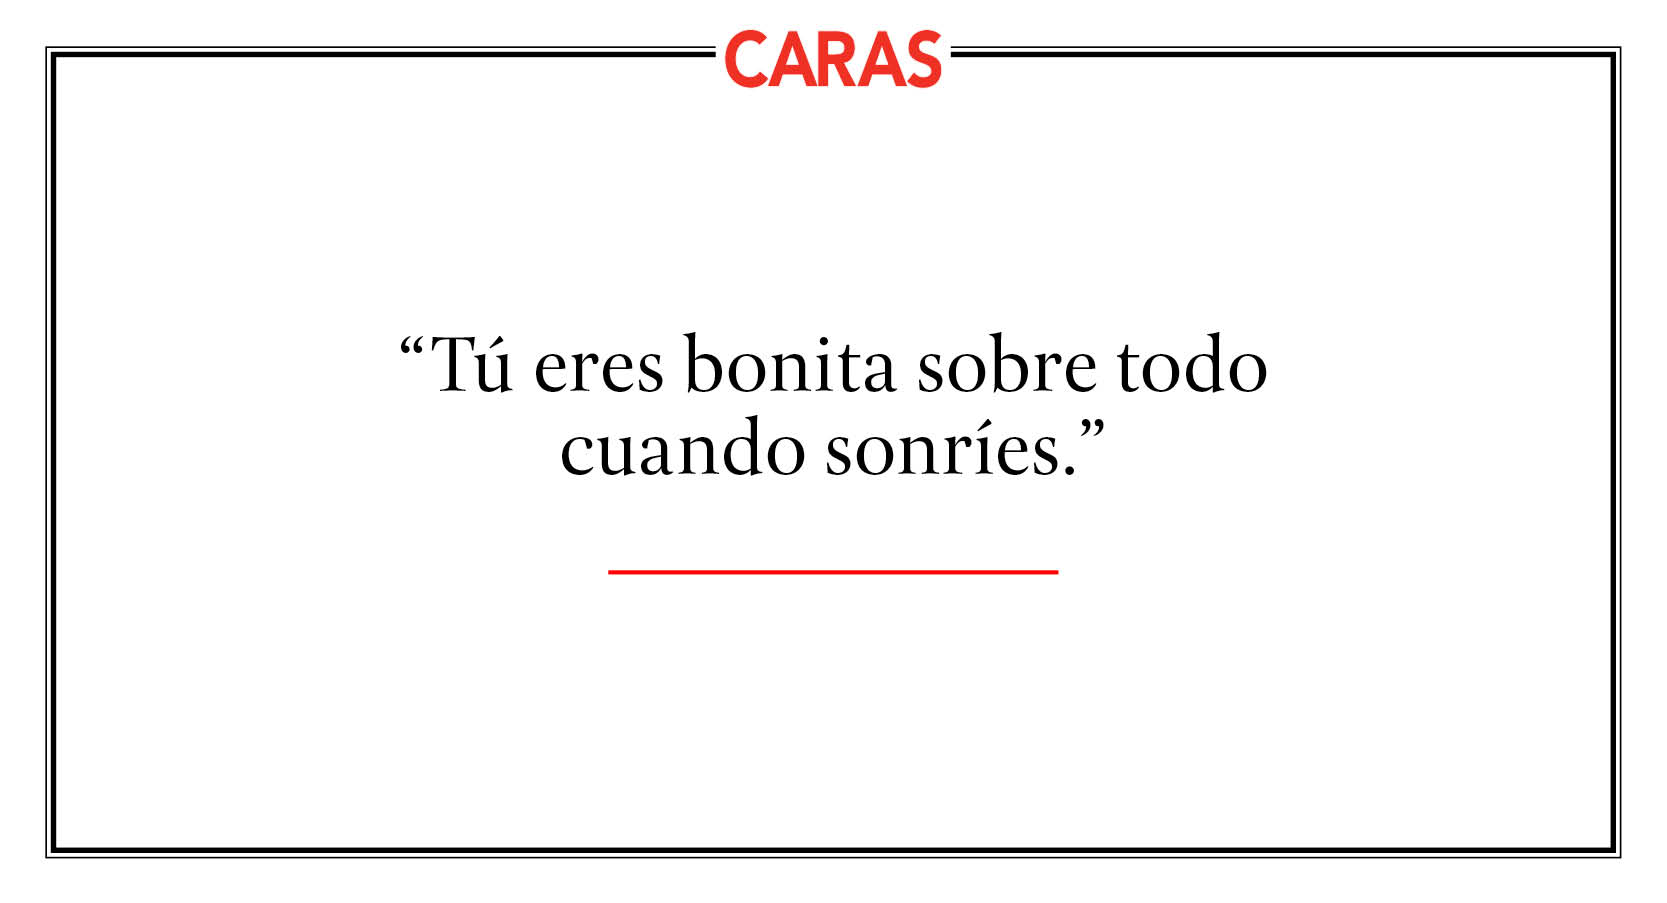 10 magníficas frases de Mario Vargas Llosa - Revista Caras